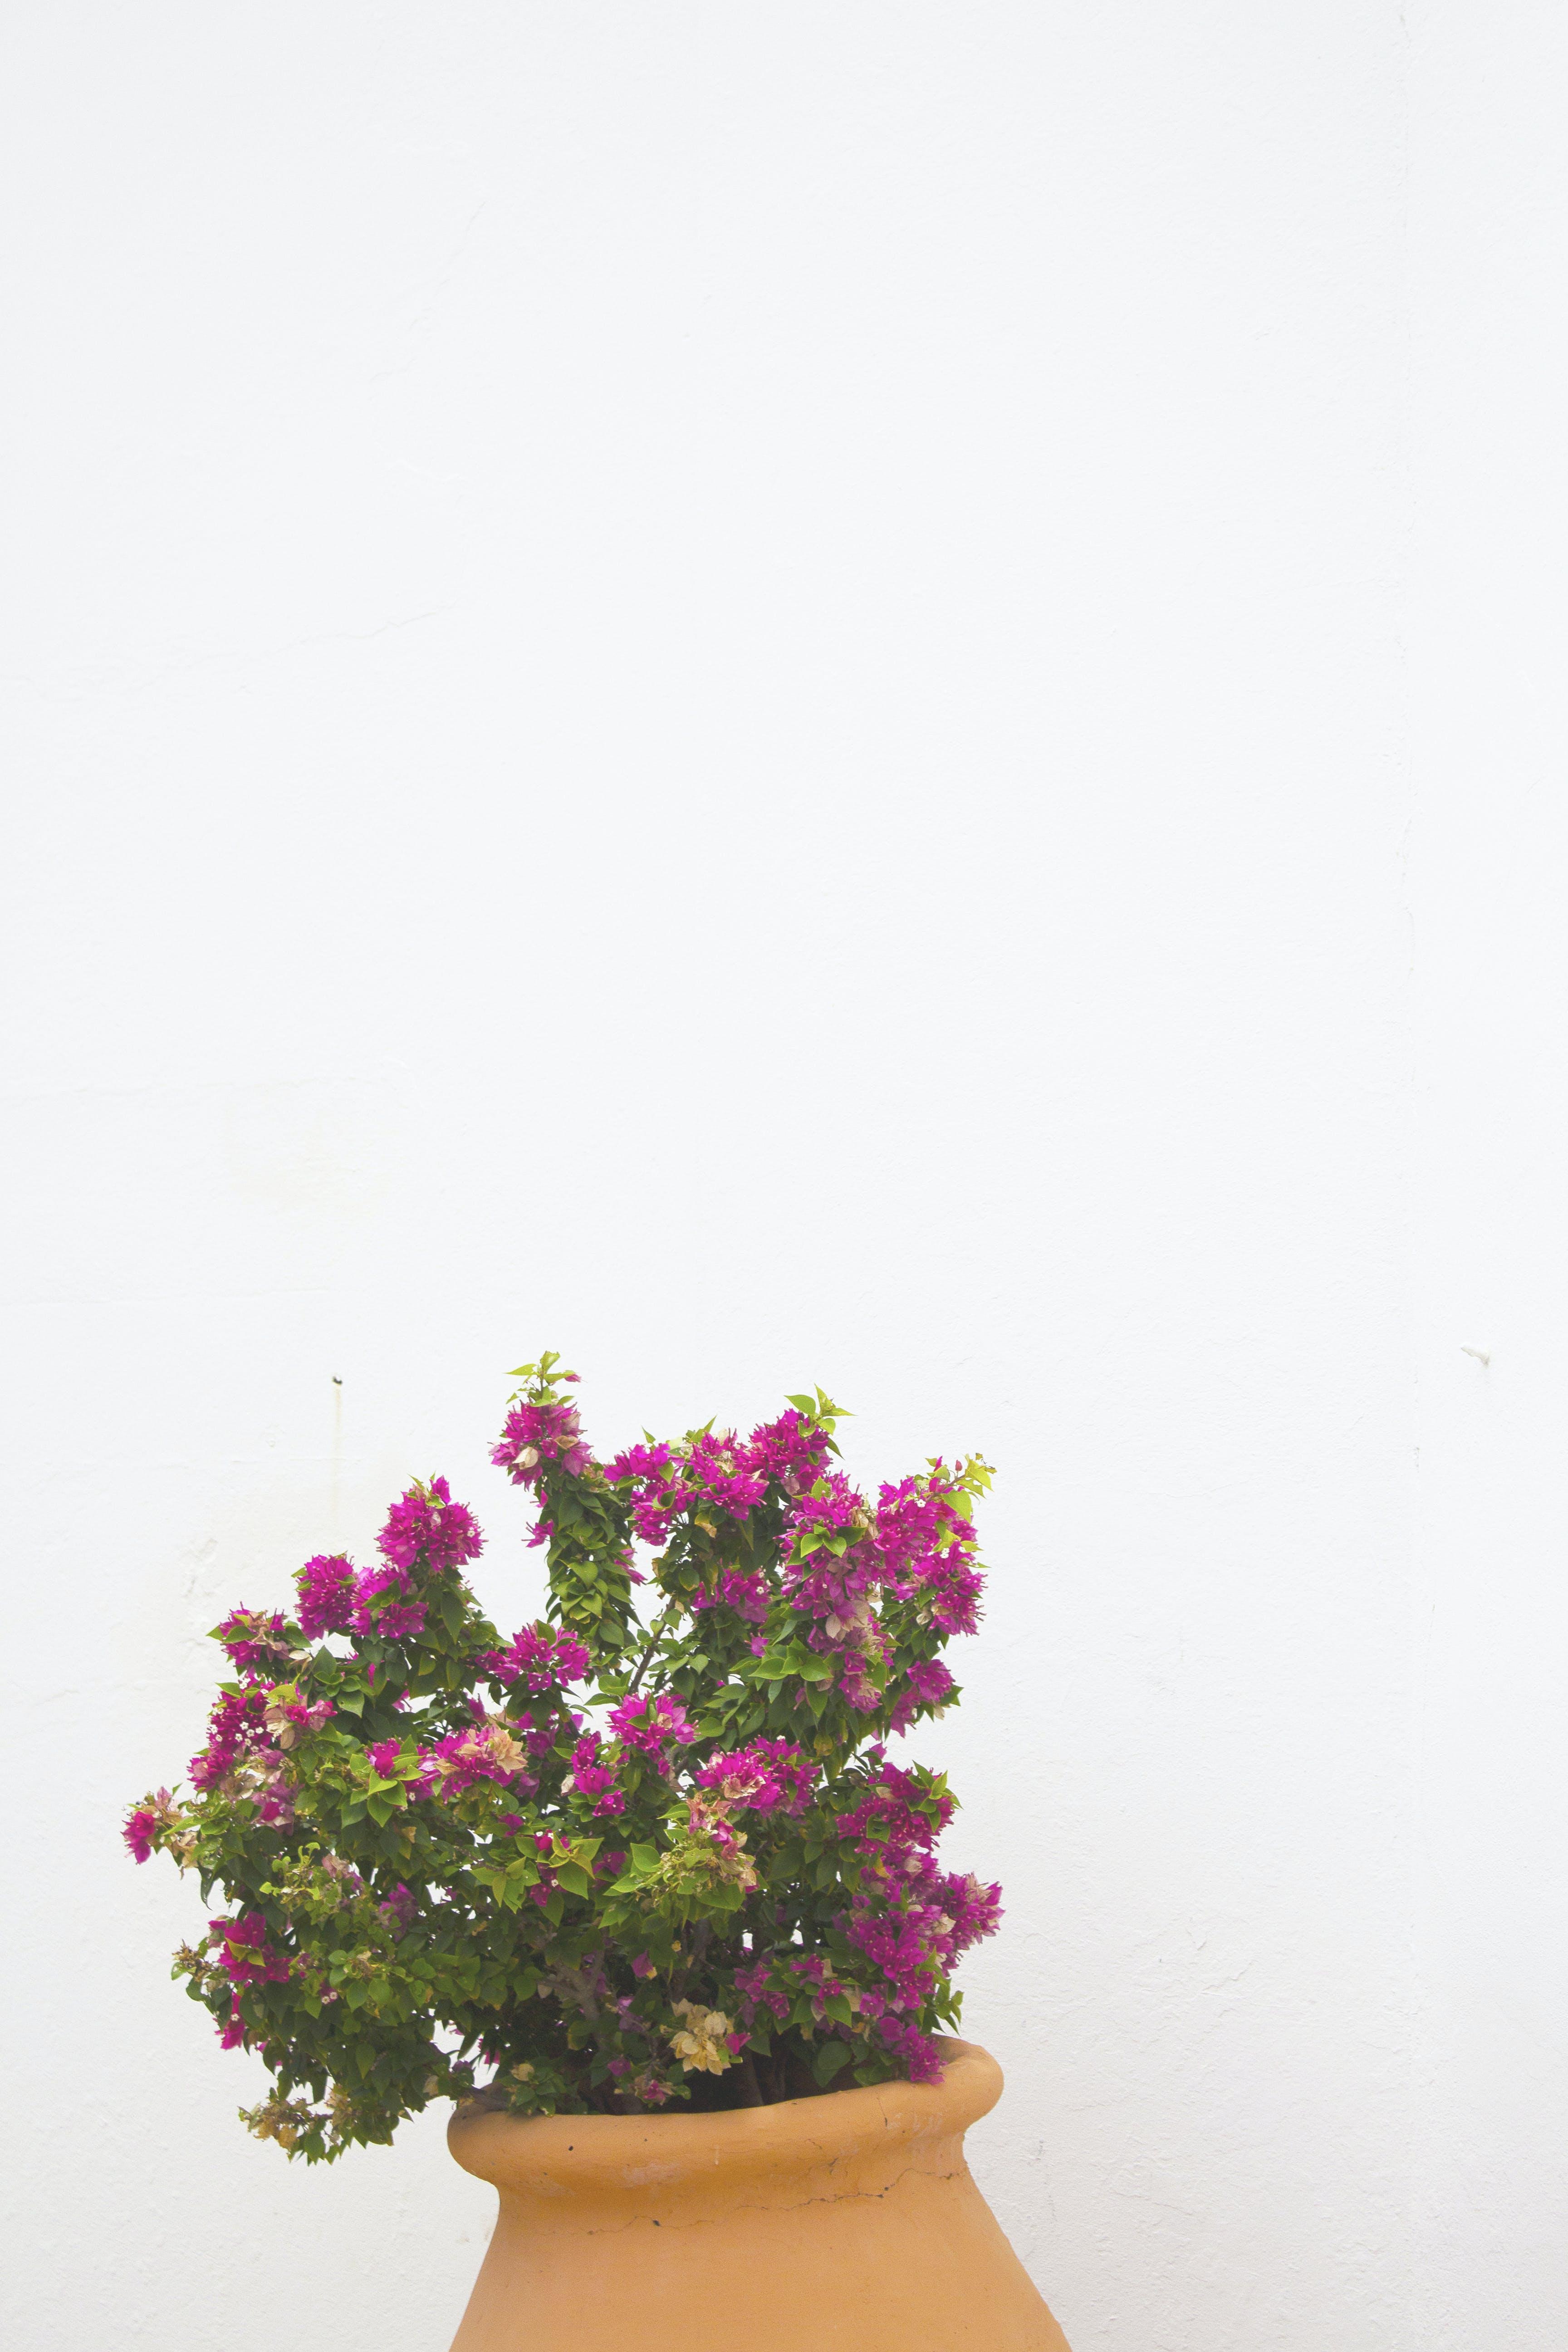 Foto stok gratis bunga-bunga, bunga-bunga merah muda, di luar rumah, dinding